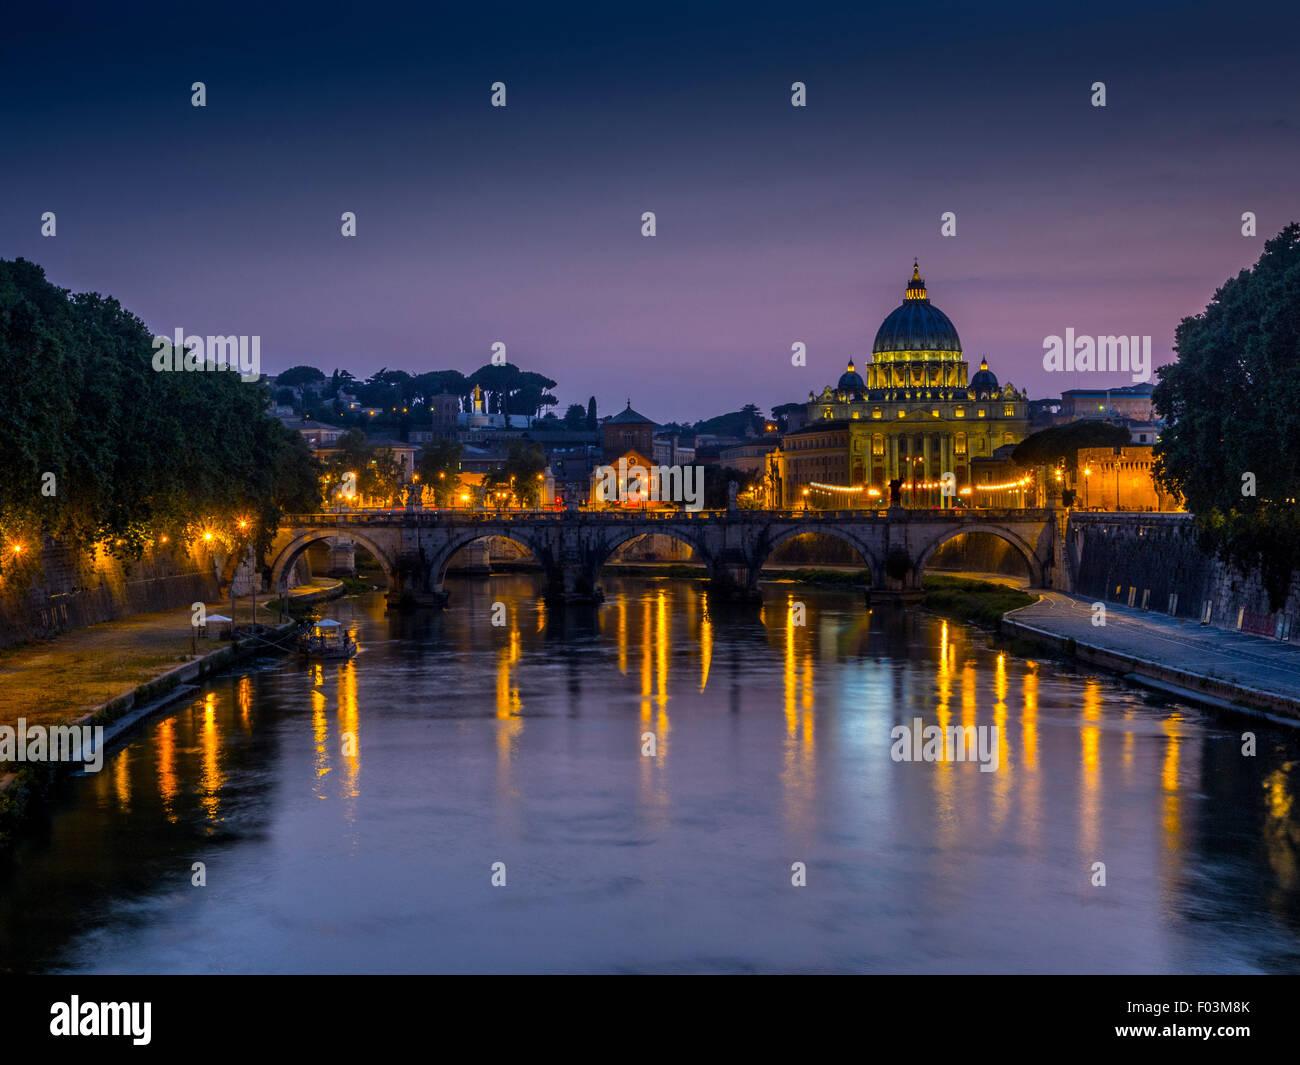 La basilique Saint Pierre. La nuit de la Cité du Vatican, Rome. L'Italie. Photo Stock